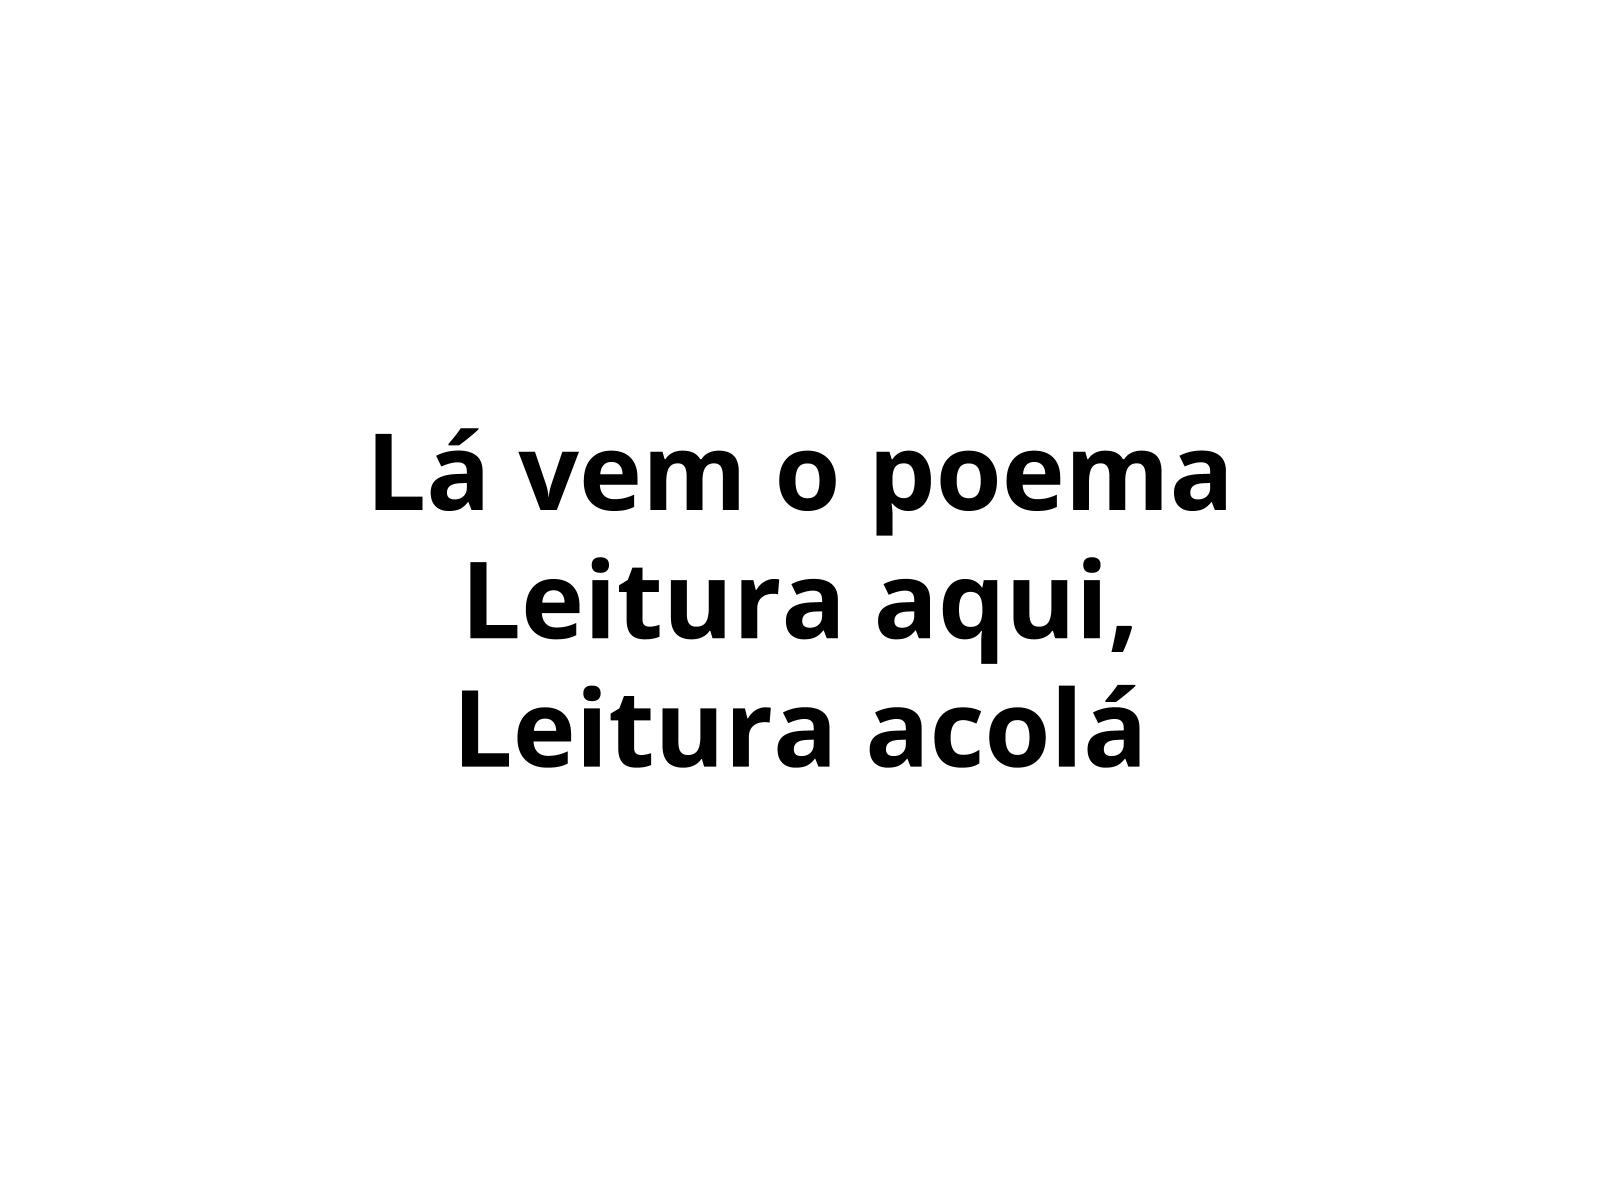 Leitura de poemas concretos e visuais